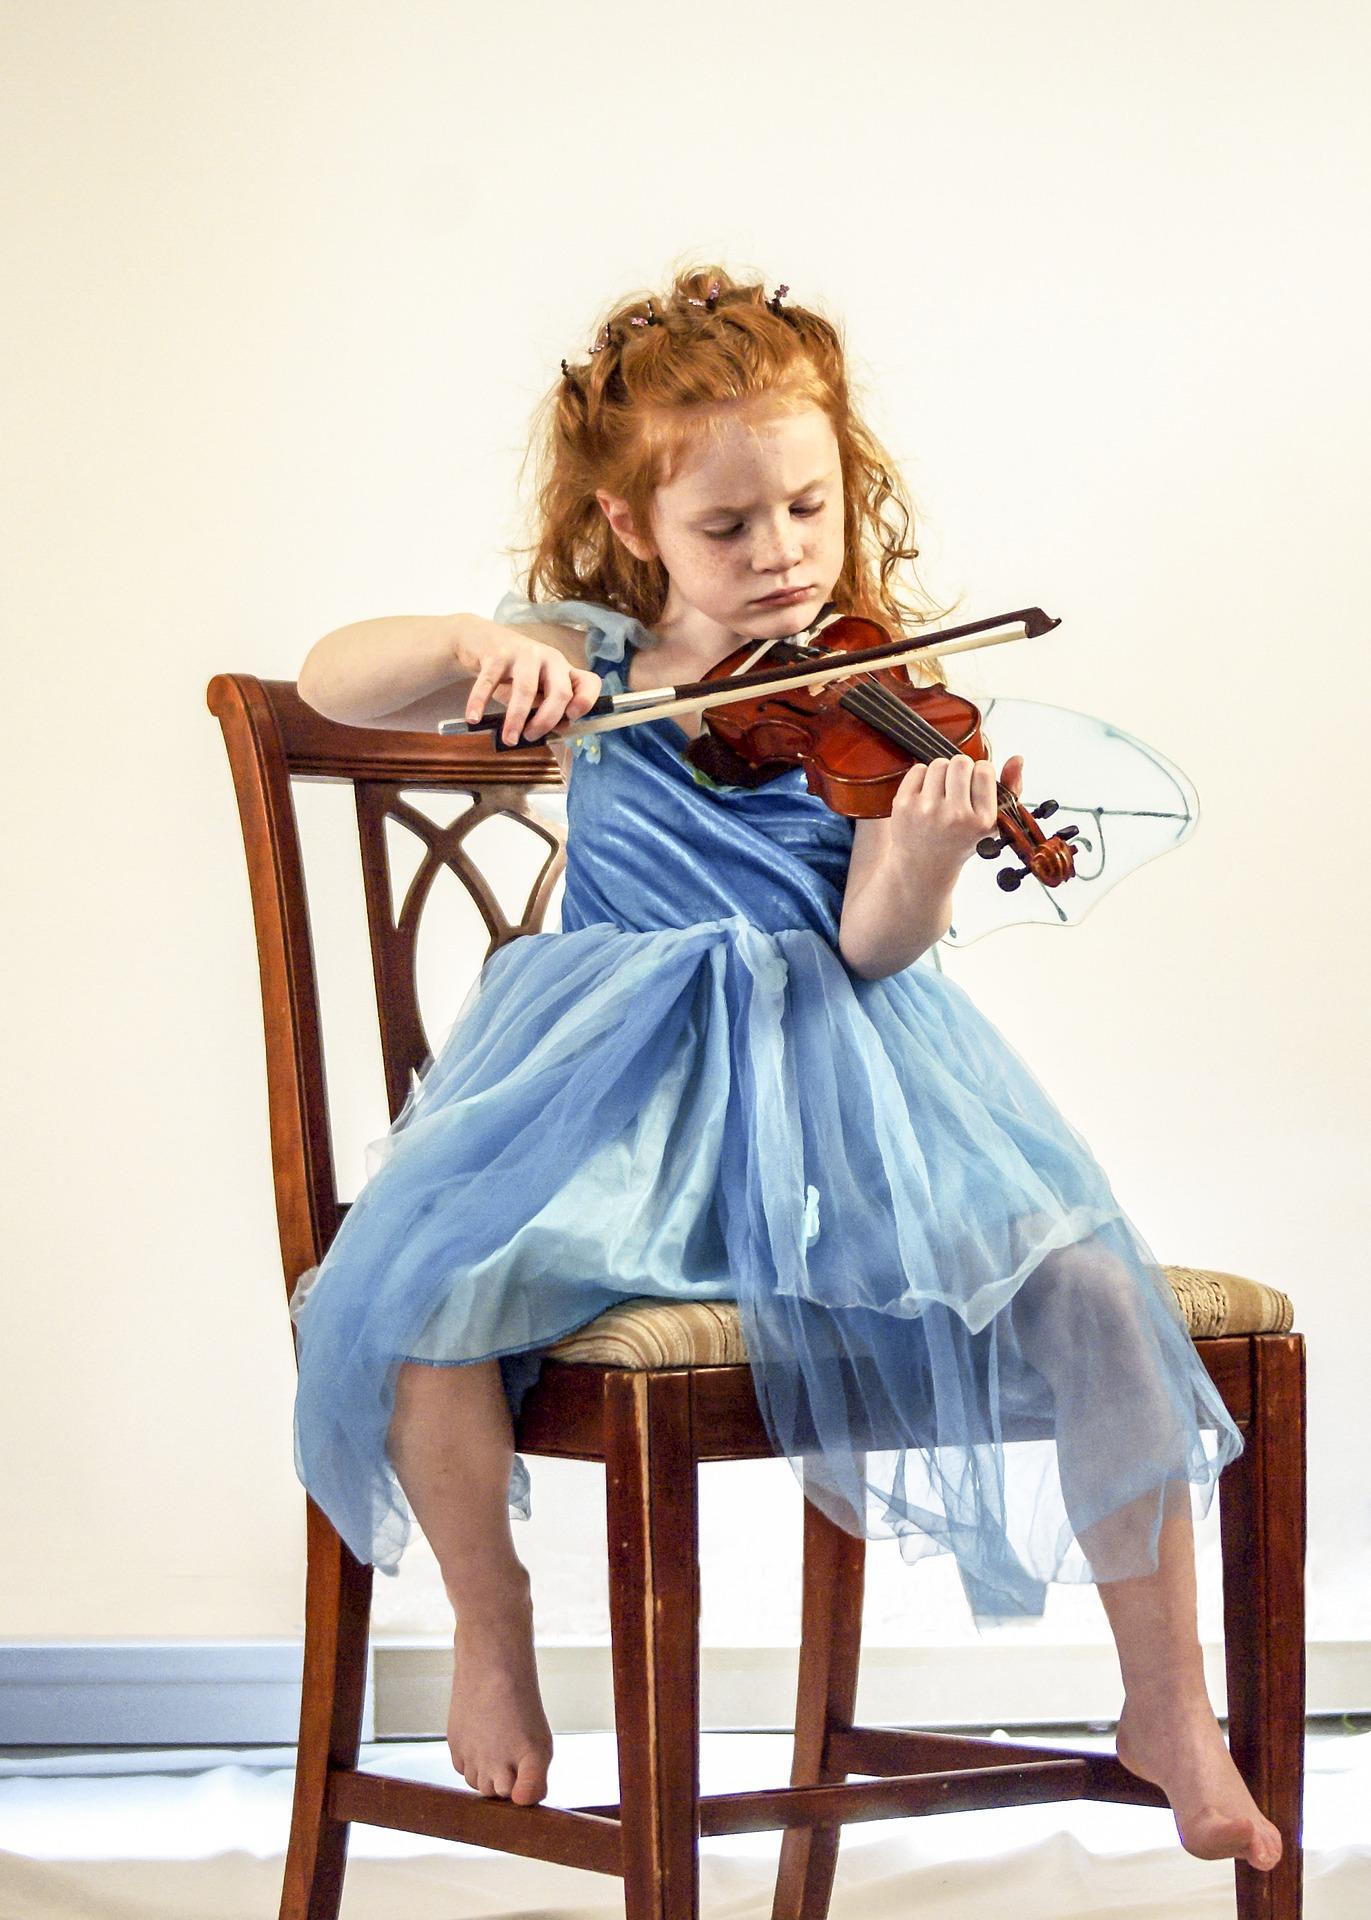 Mała dziewczynka o rudych włosach, ubrana w niebieską sukienkę grająca na skrzypcach.